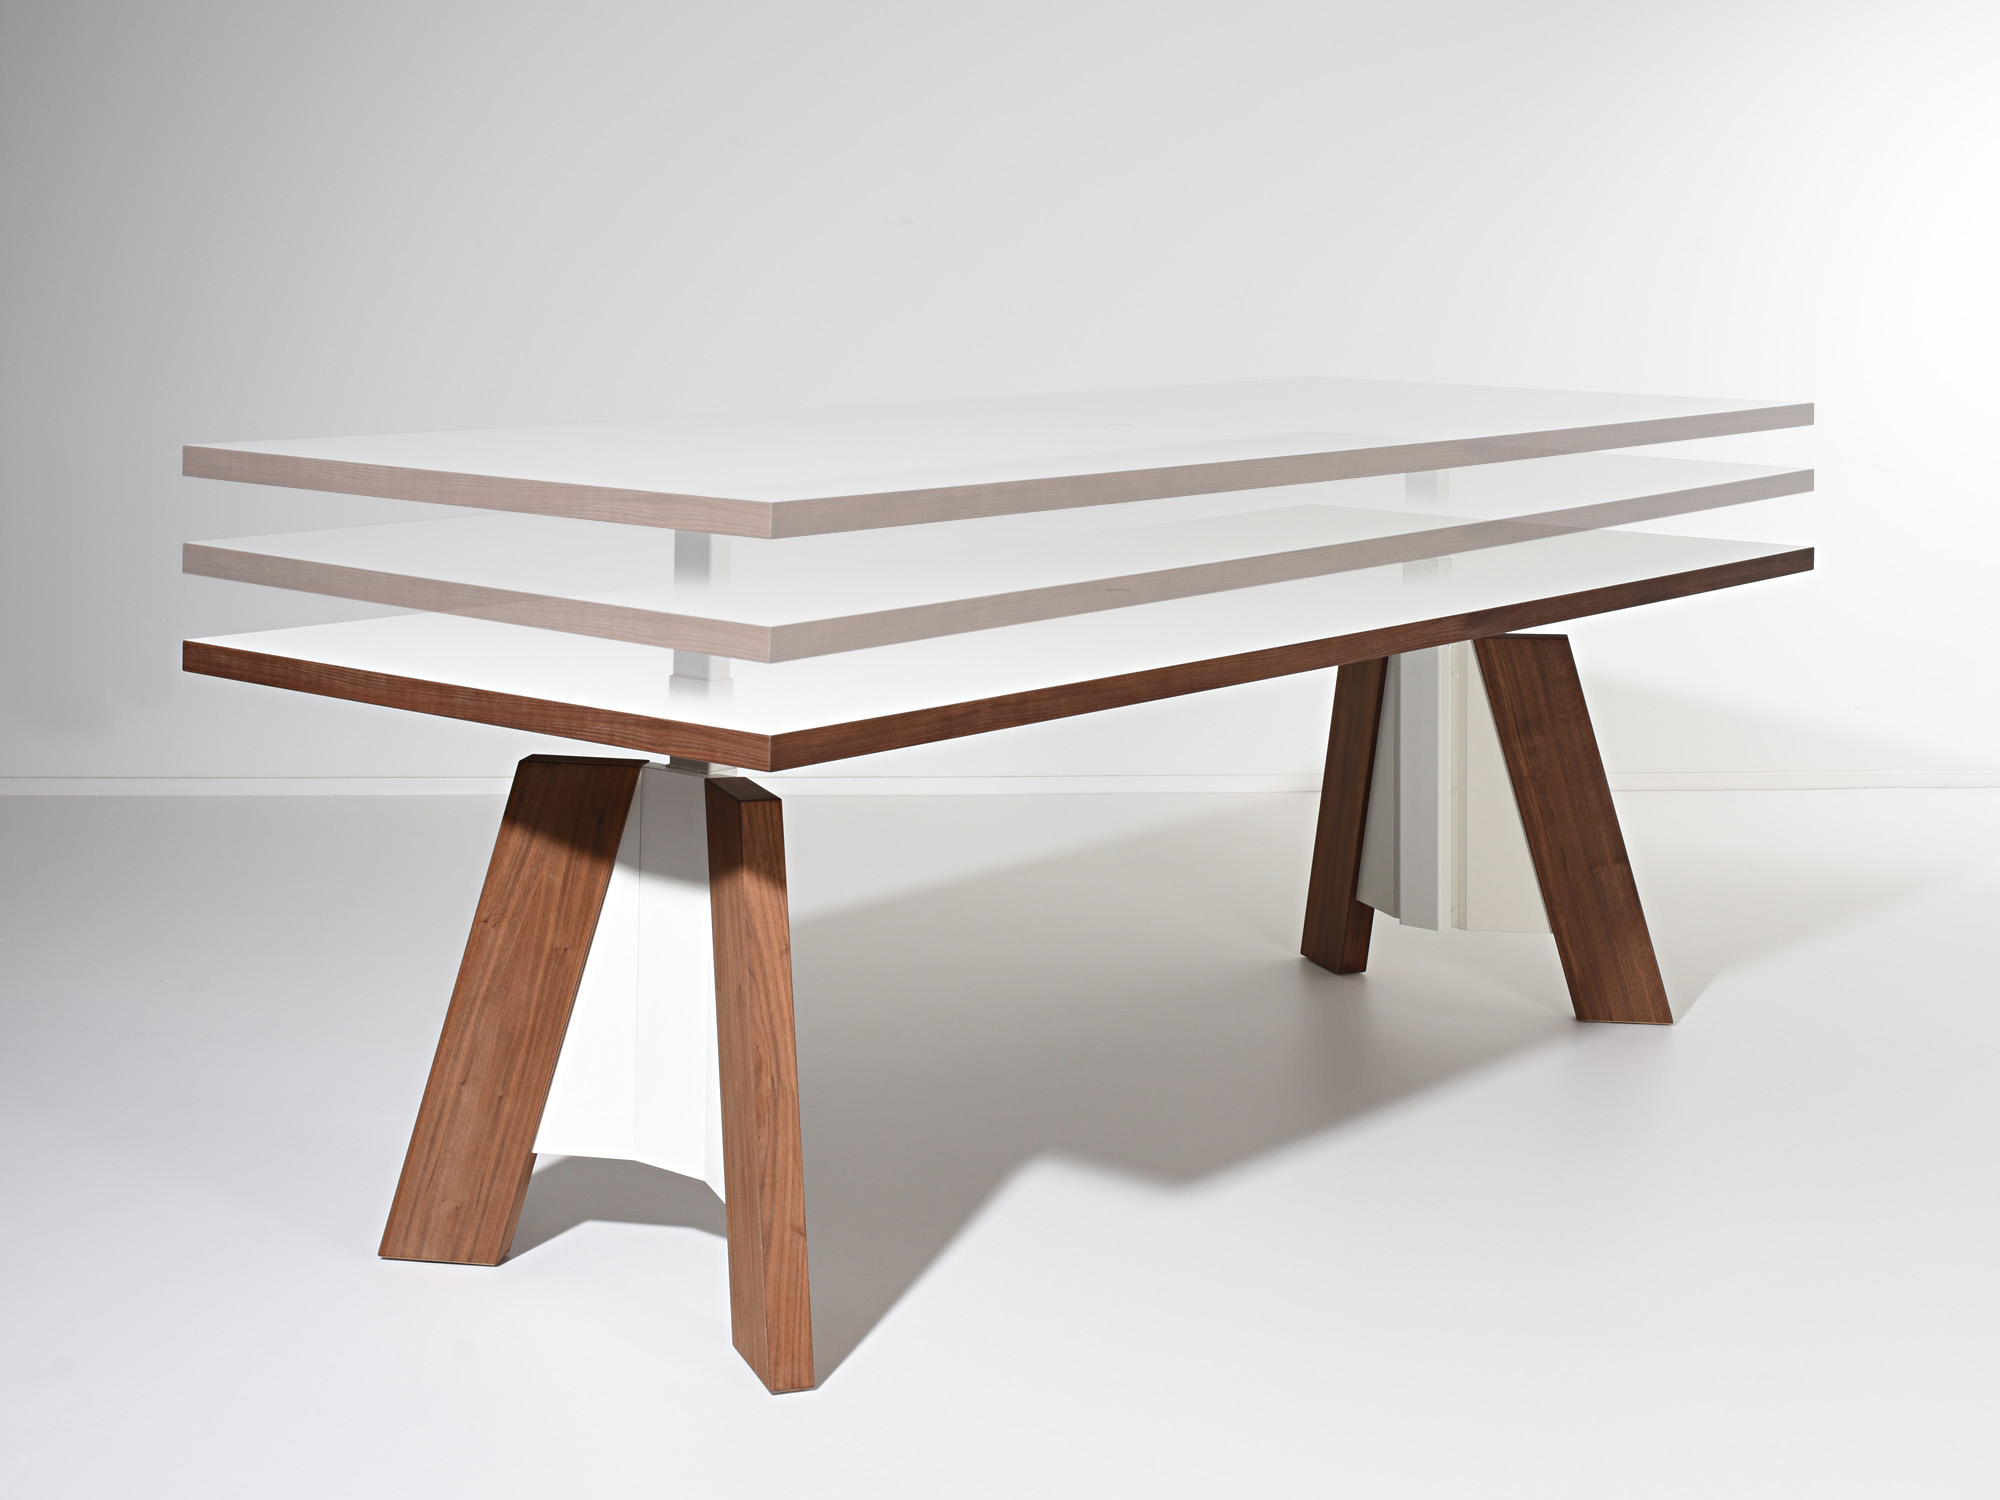 Castelijn TSP zit-sta - Design by Castelijn Team